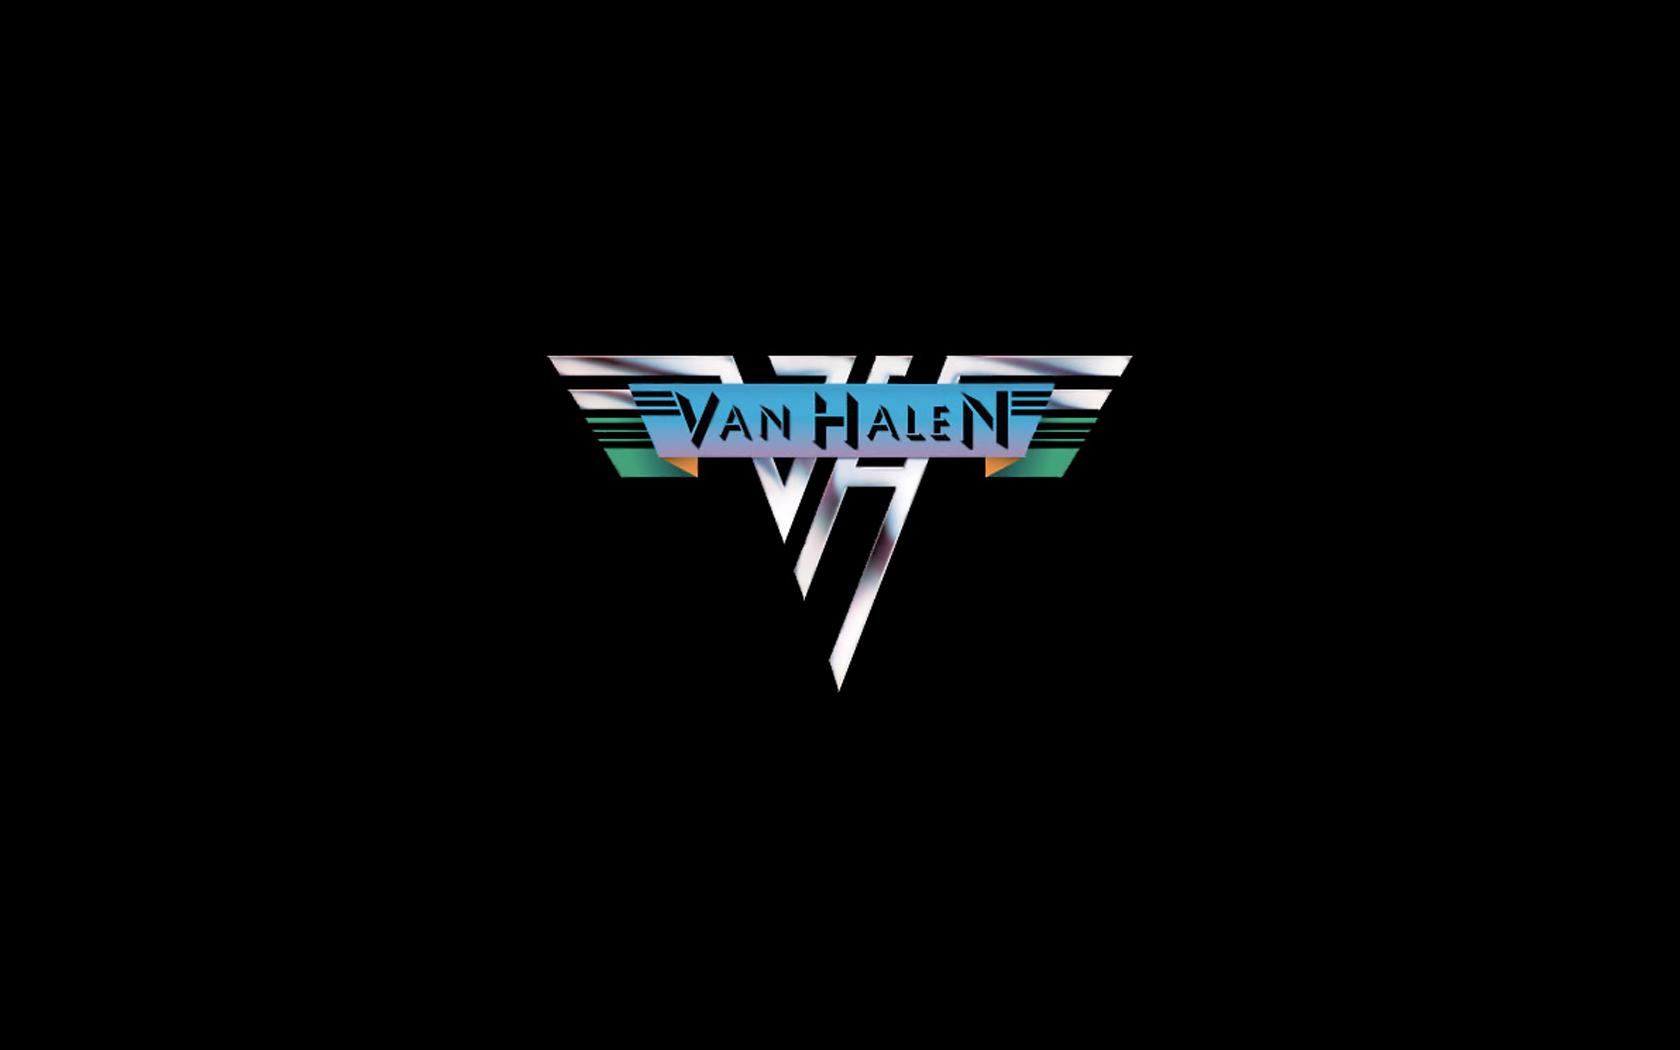 Van Halen Logo by W00den Sp00n on deviantART 1680x1050